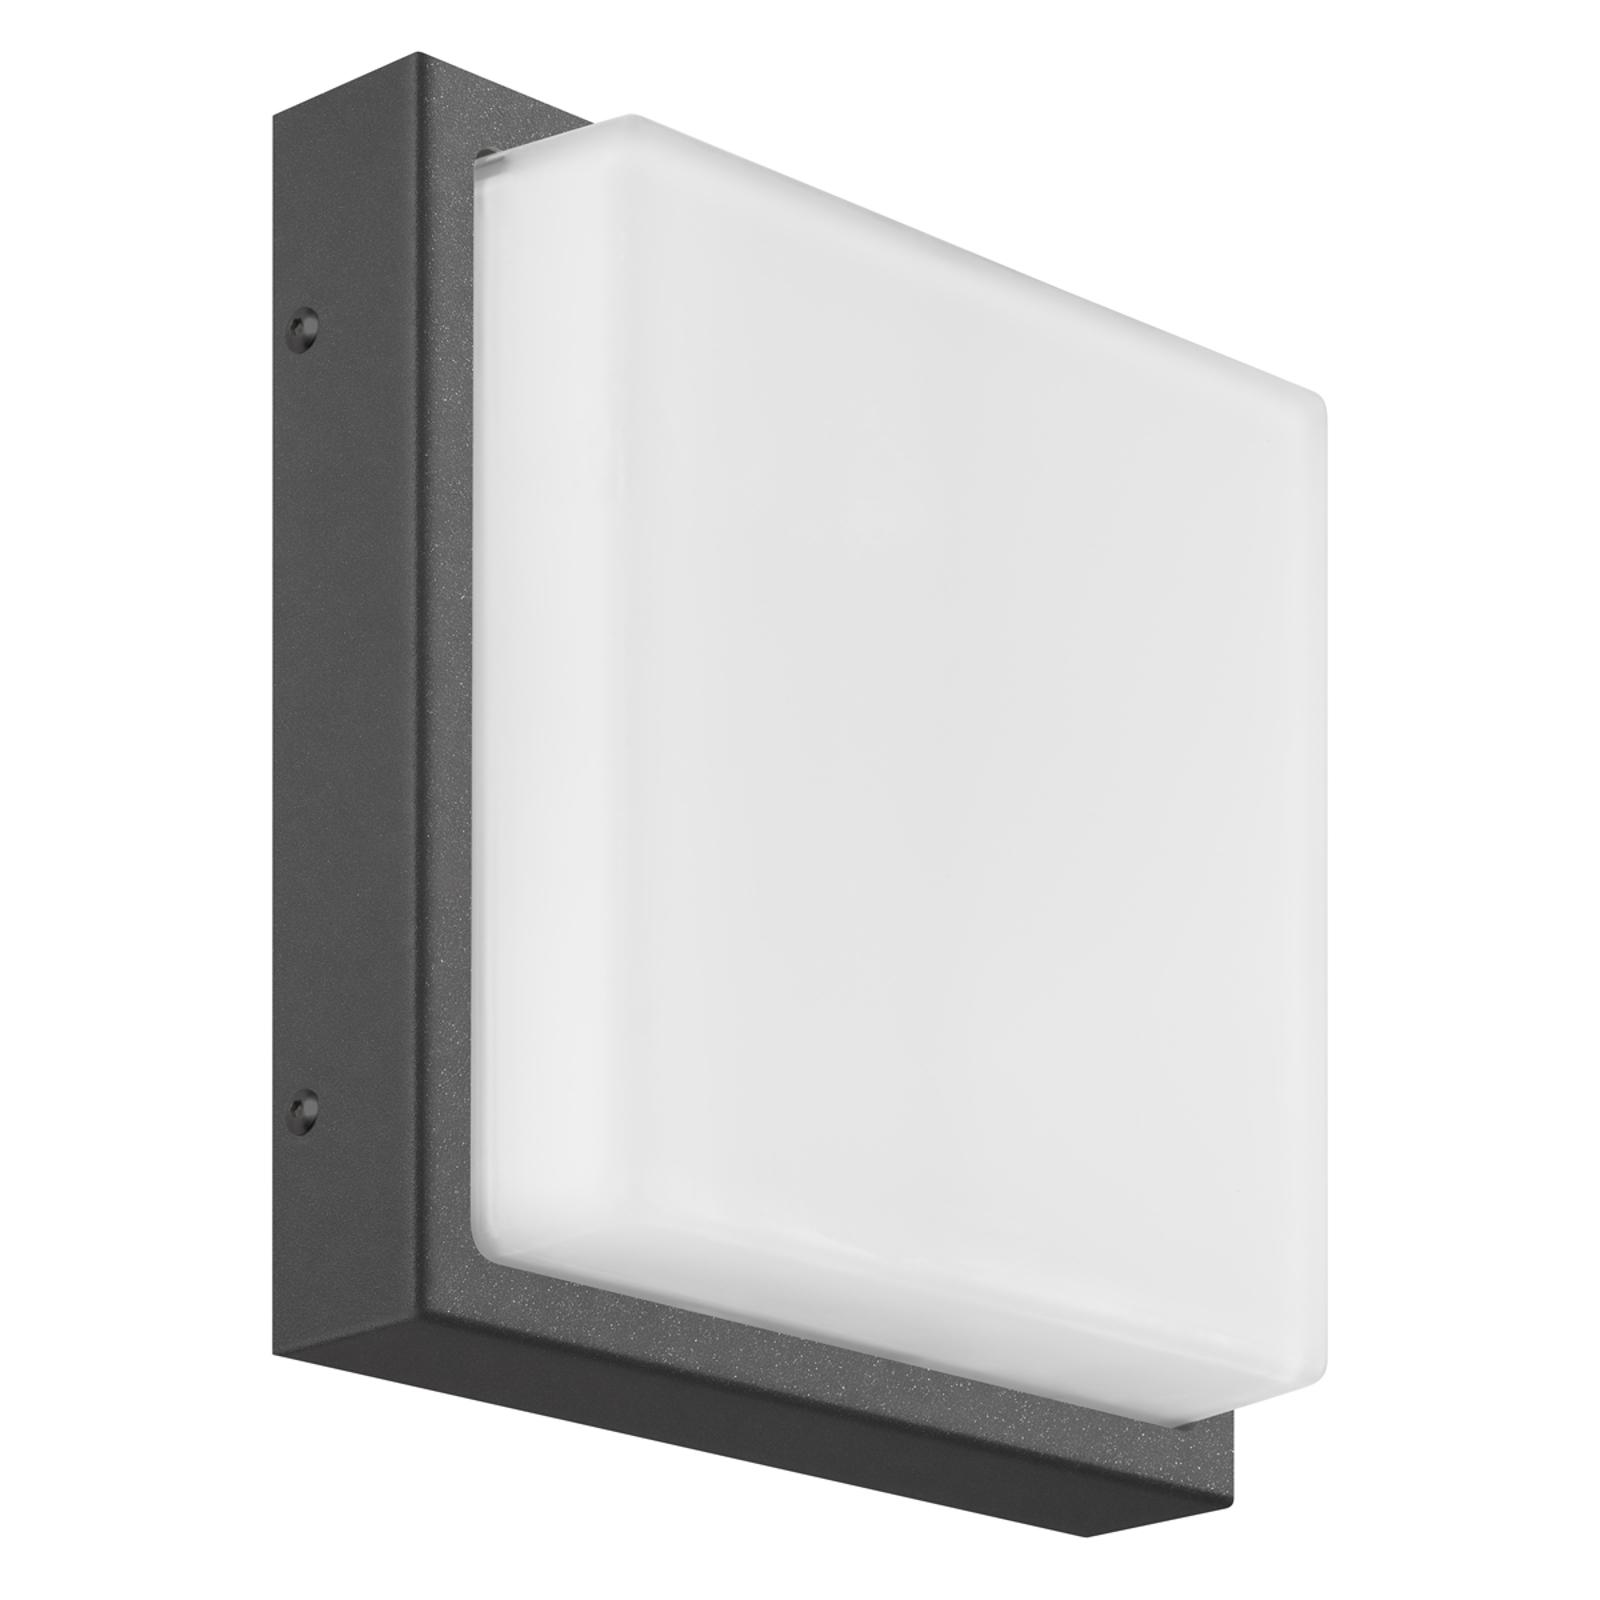 Quadratische LED-Außenwandlampe Ernest